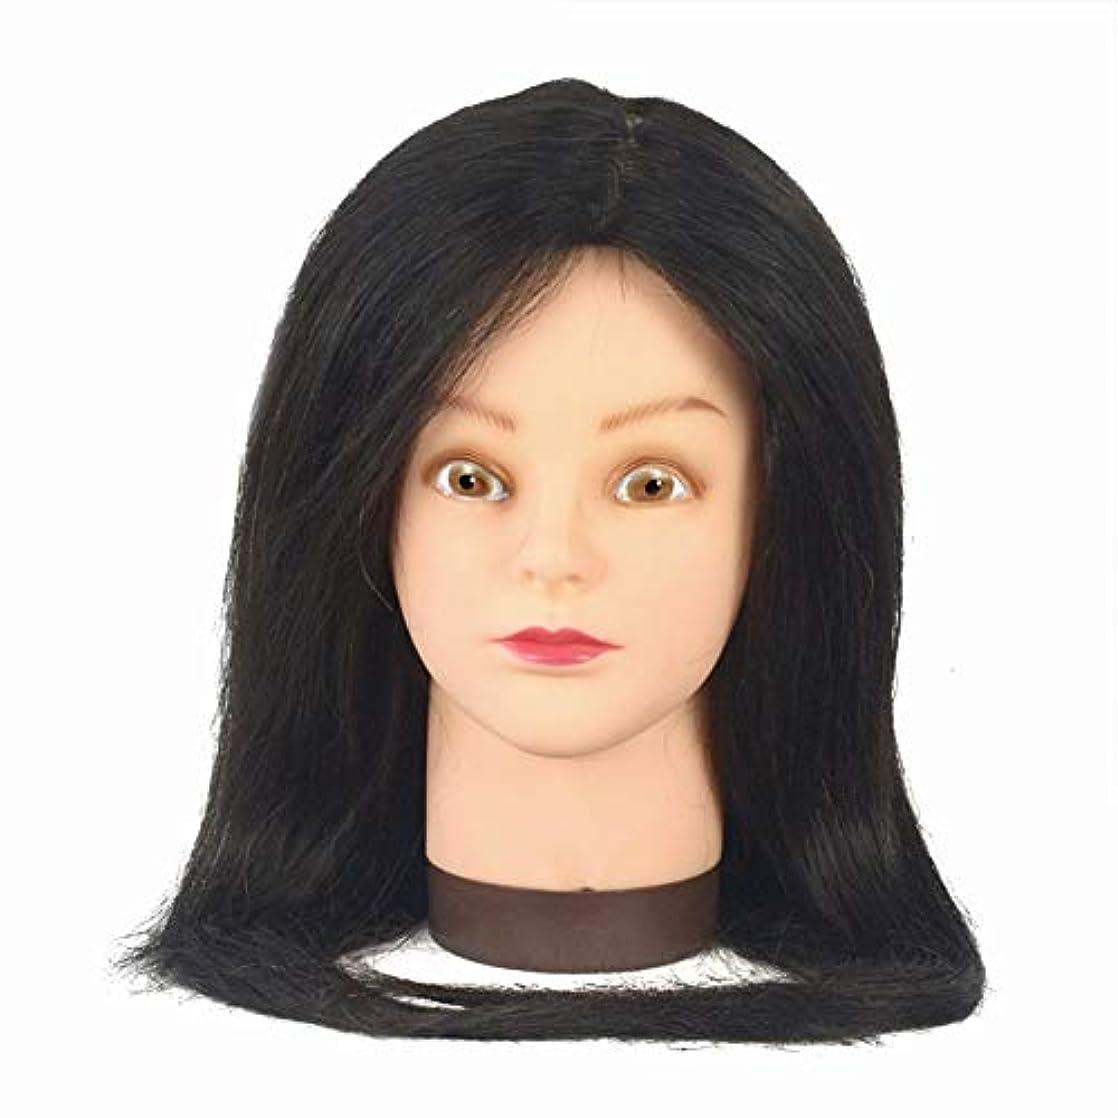 出撃者ラジエーター登録80%リアル人間の髪モデルヘッドサロン学習吹くことができますパーマ髪染めダミーヘッド編集ヘア練習ヘッドモデル,Black